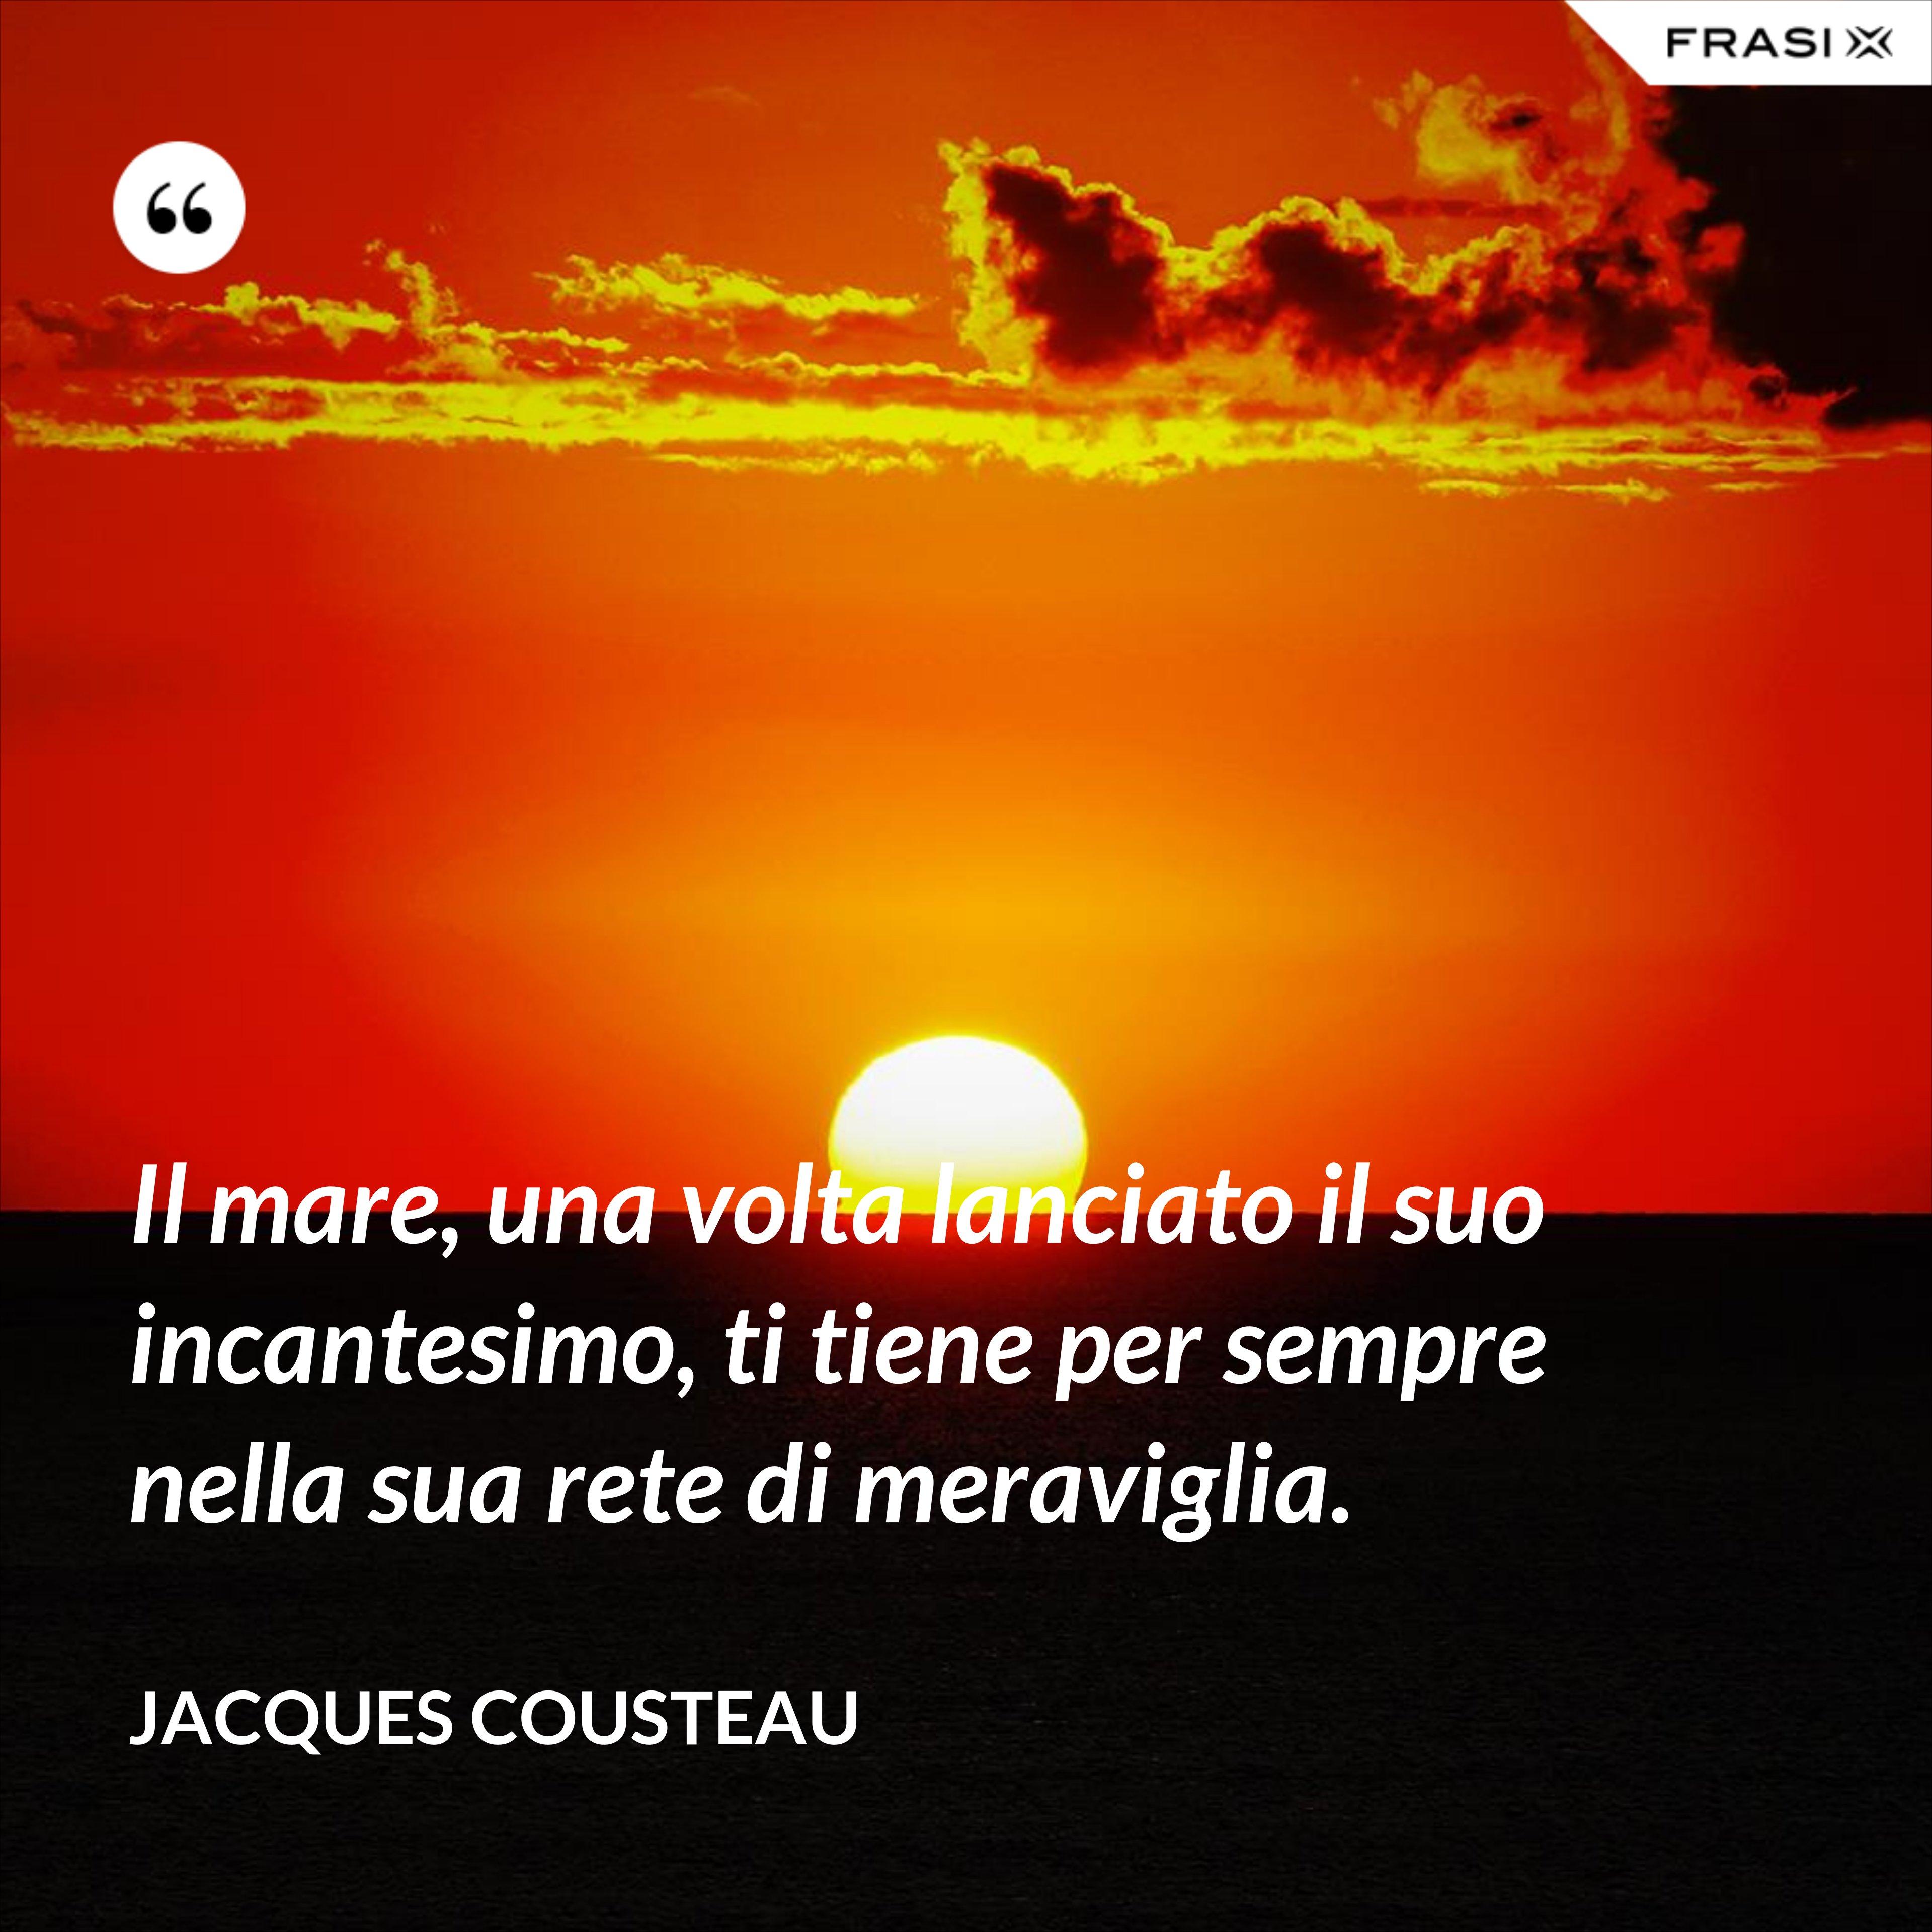 Il mare, una volta lanciato il suo incantesimo, ti tiene per sempre nella sua rete di meraviglia. - Jacques Cousteau